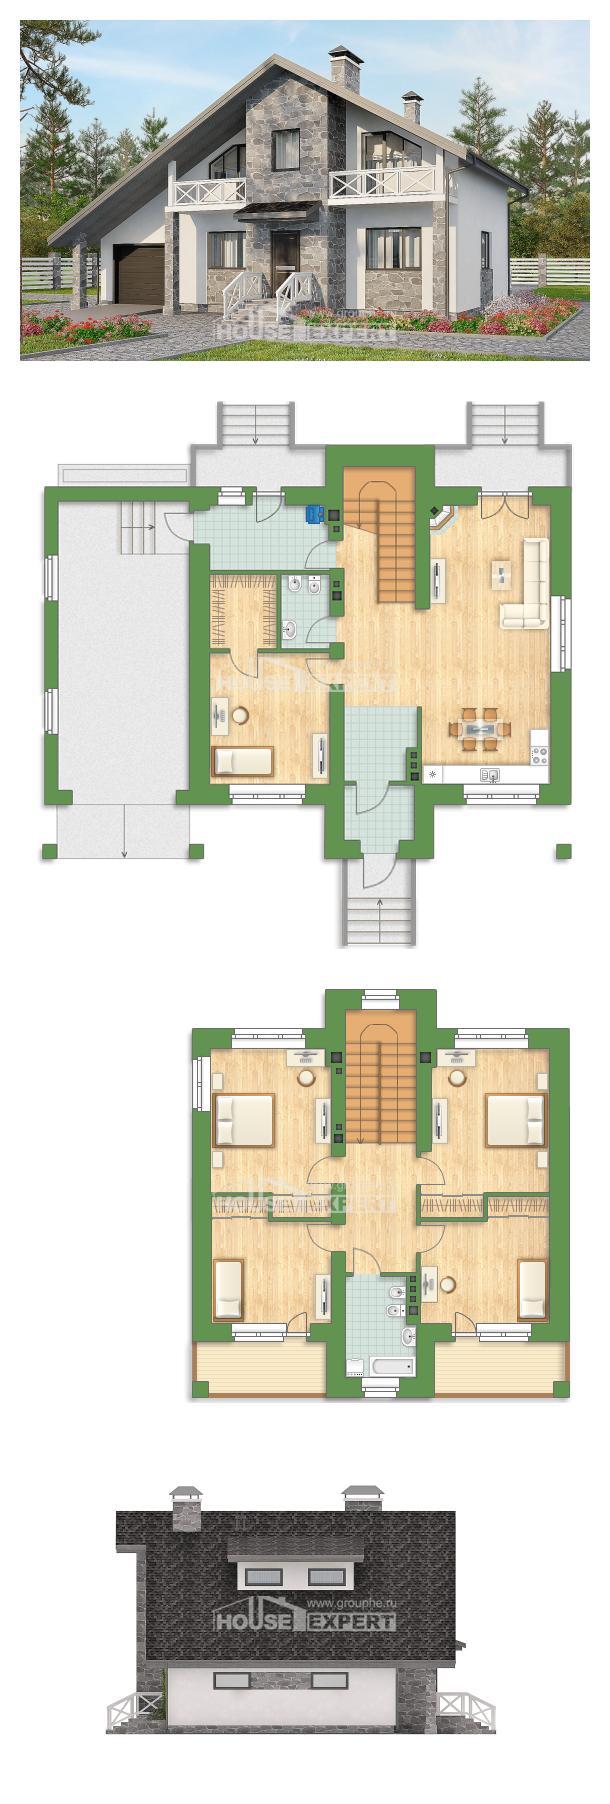 Plan 180-017-L | House Expert